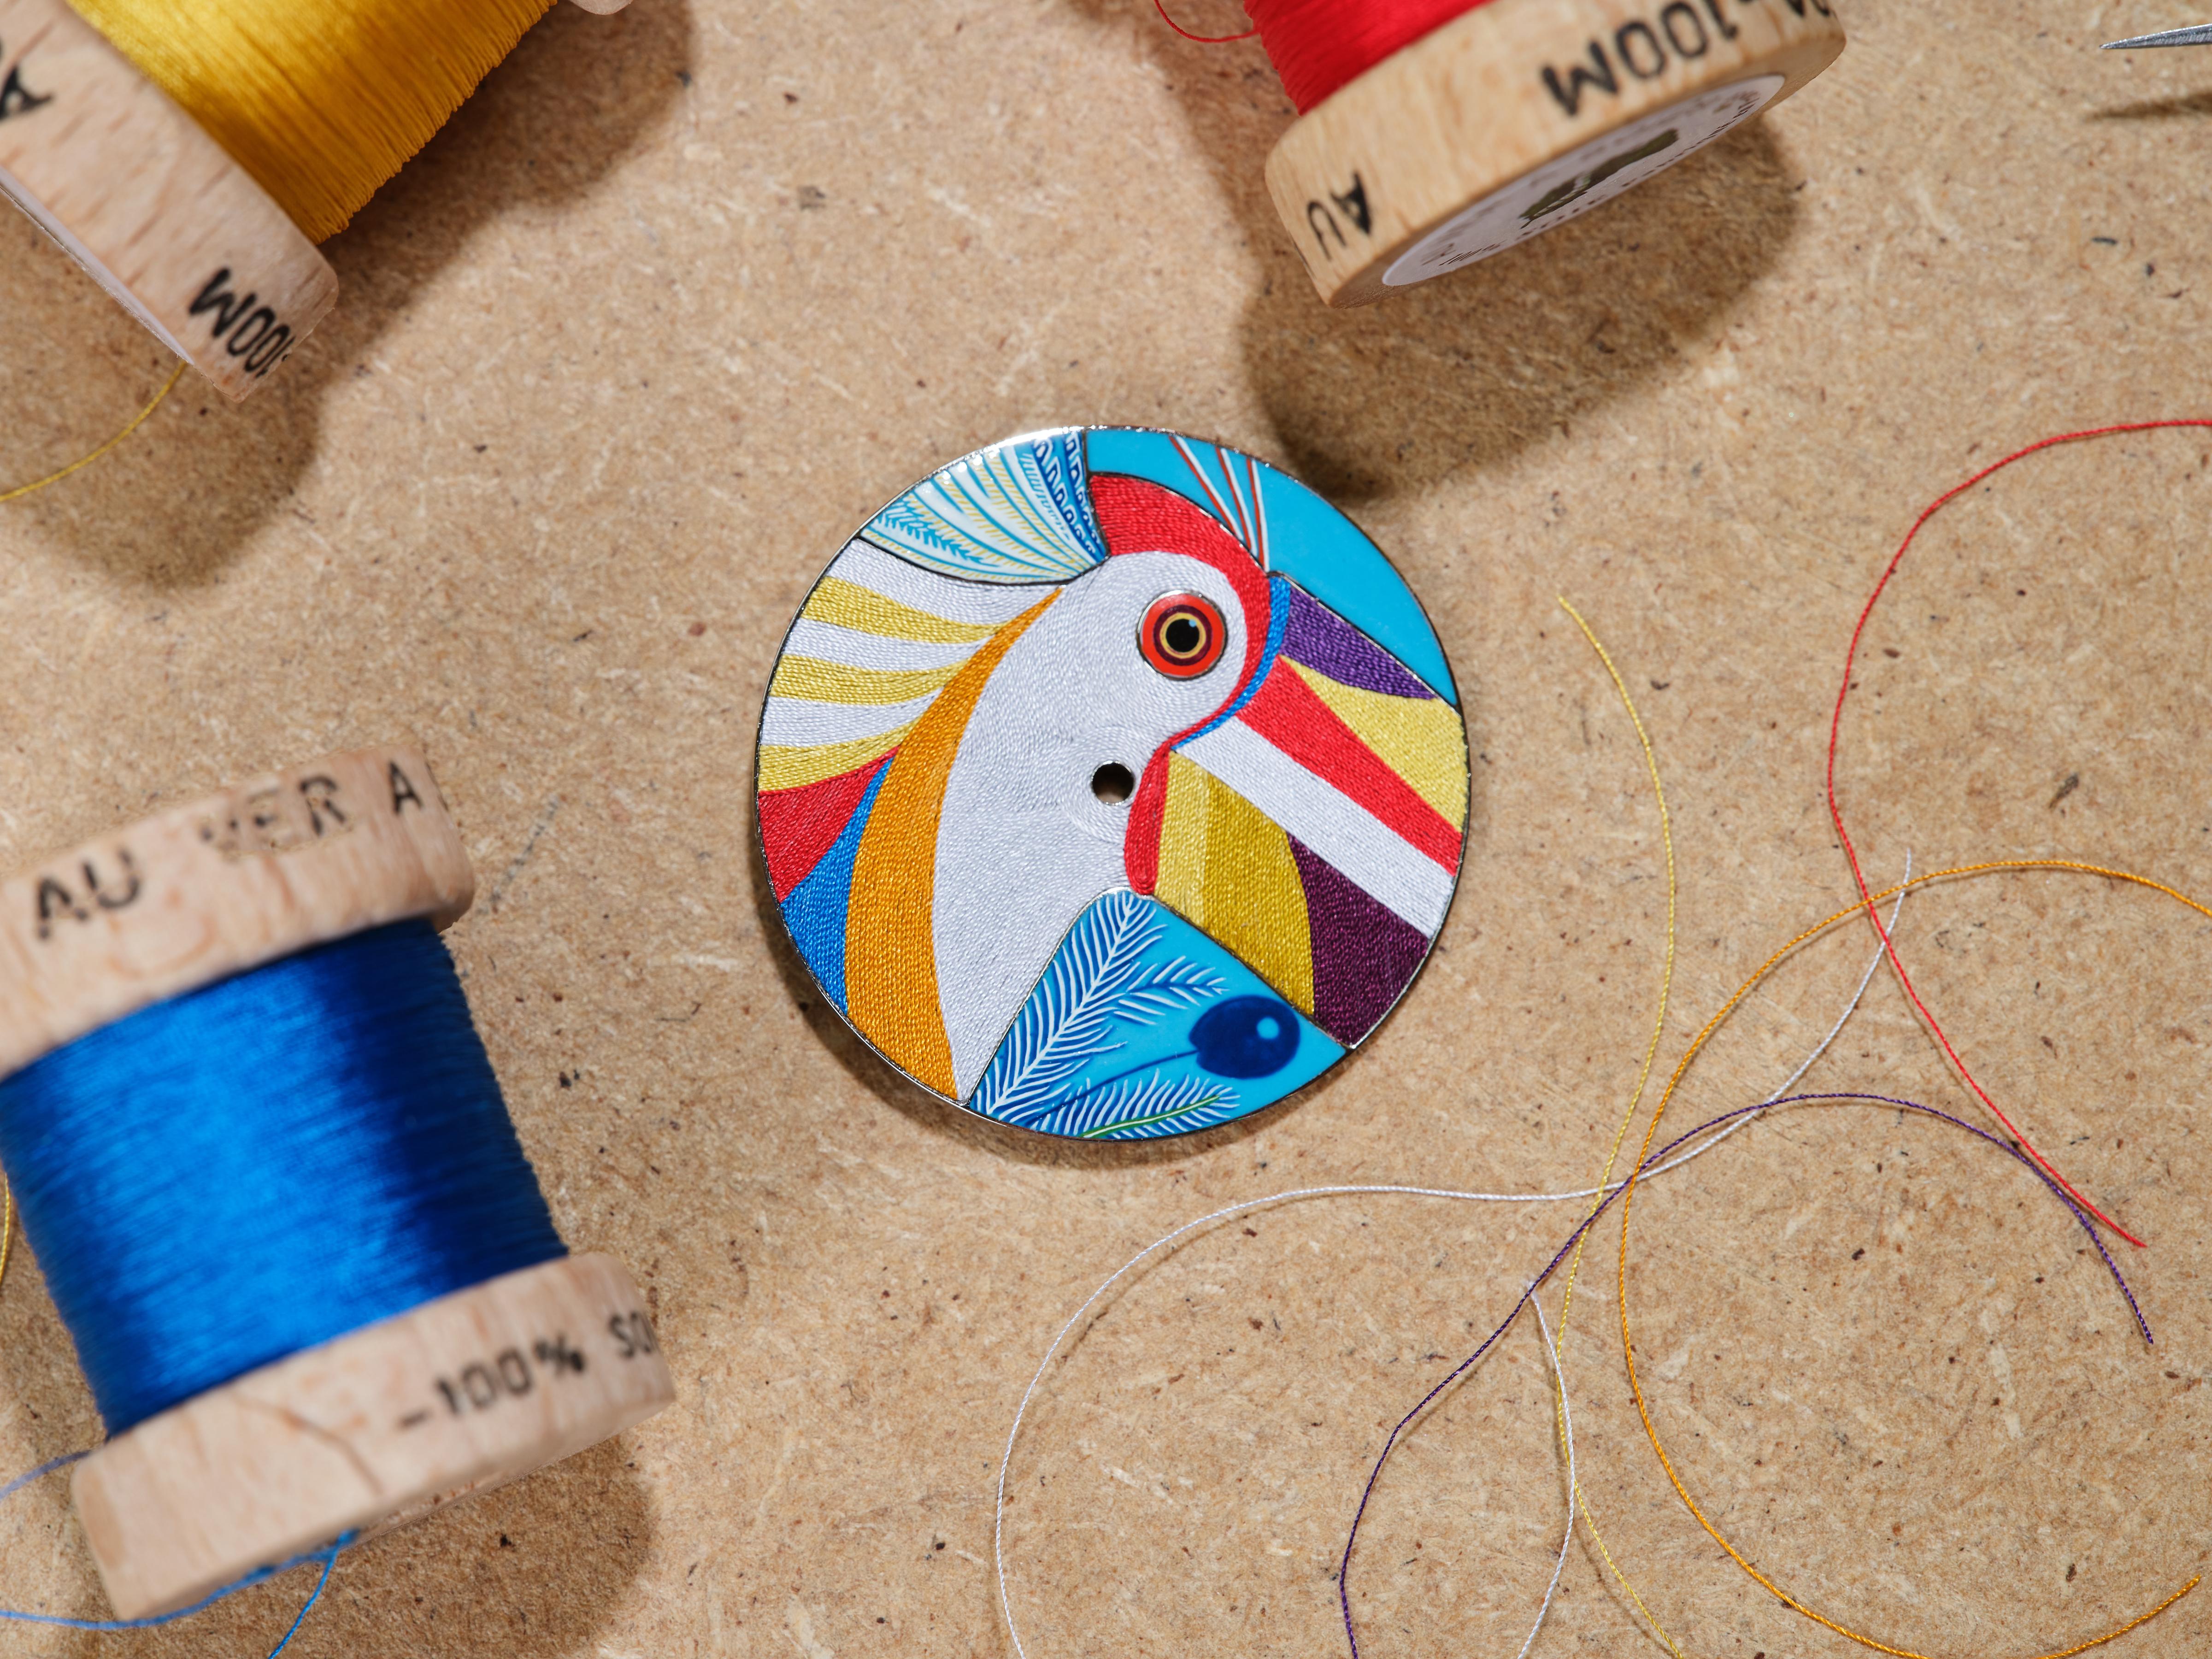 """Hermès ra mắt đồng hồ phiên bản giới hạn với mặt số """"thêu"""" sợi tơ tằm - Ảnh 5"""